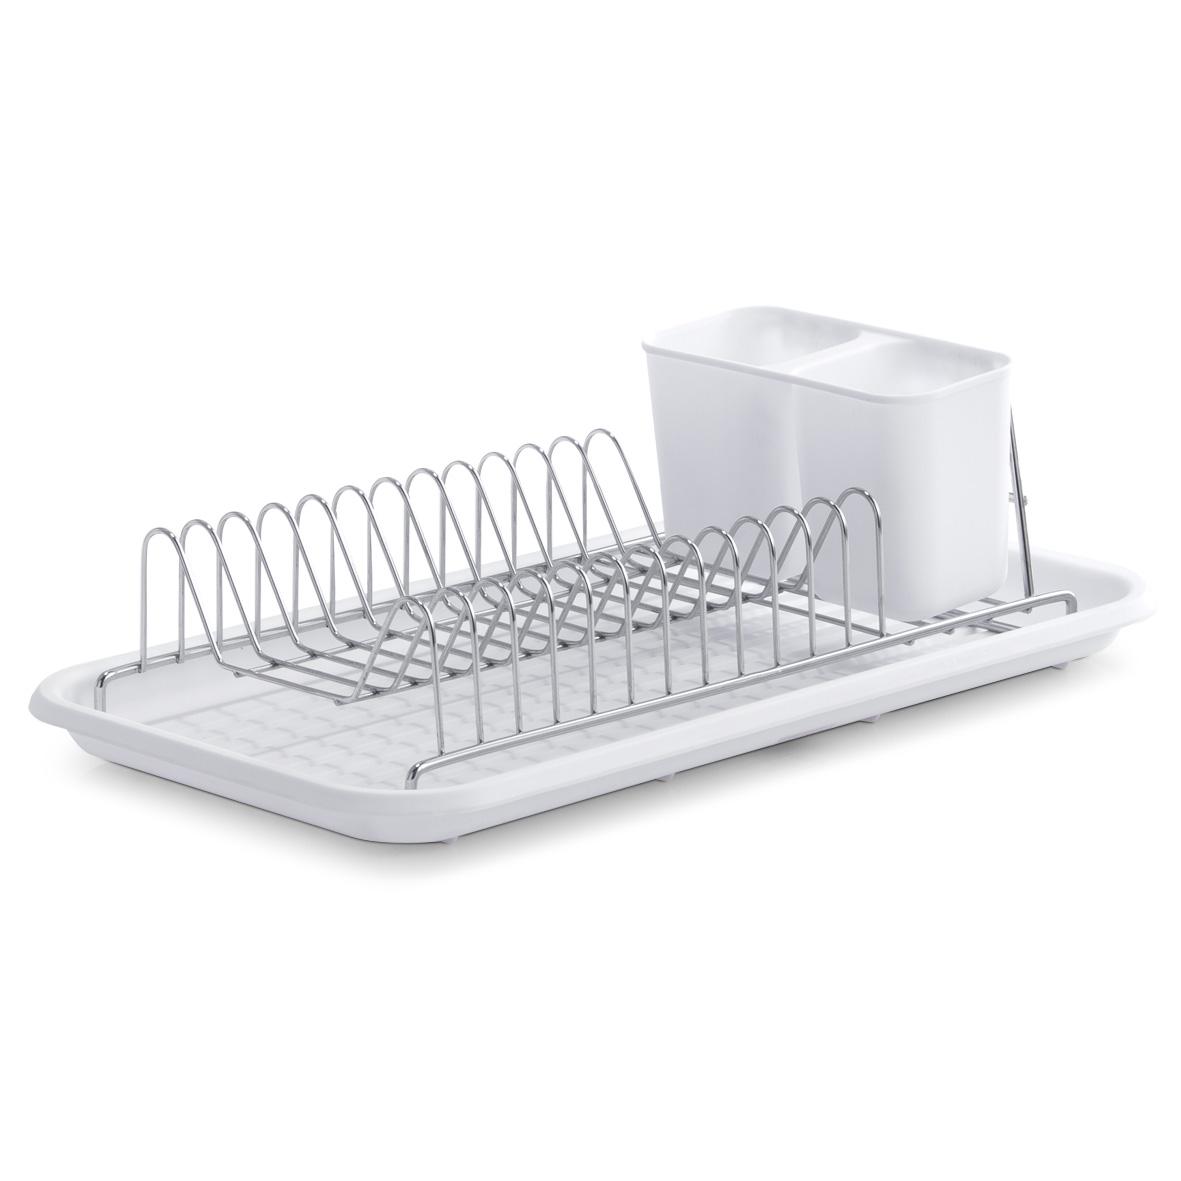 Сушилка для посуды Zeller, цвет: белый, 44 х 24 х 12 см xyj бренд оселок корунда ветстоун для кухни и на открытом воздухе ножи профессиональных точило камень системы посуды